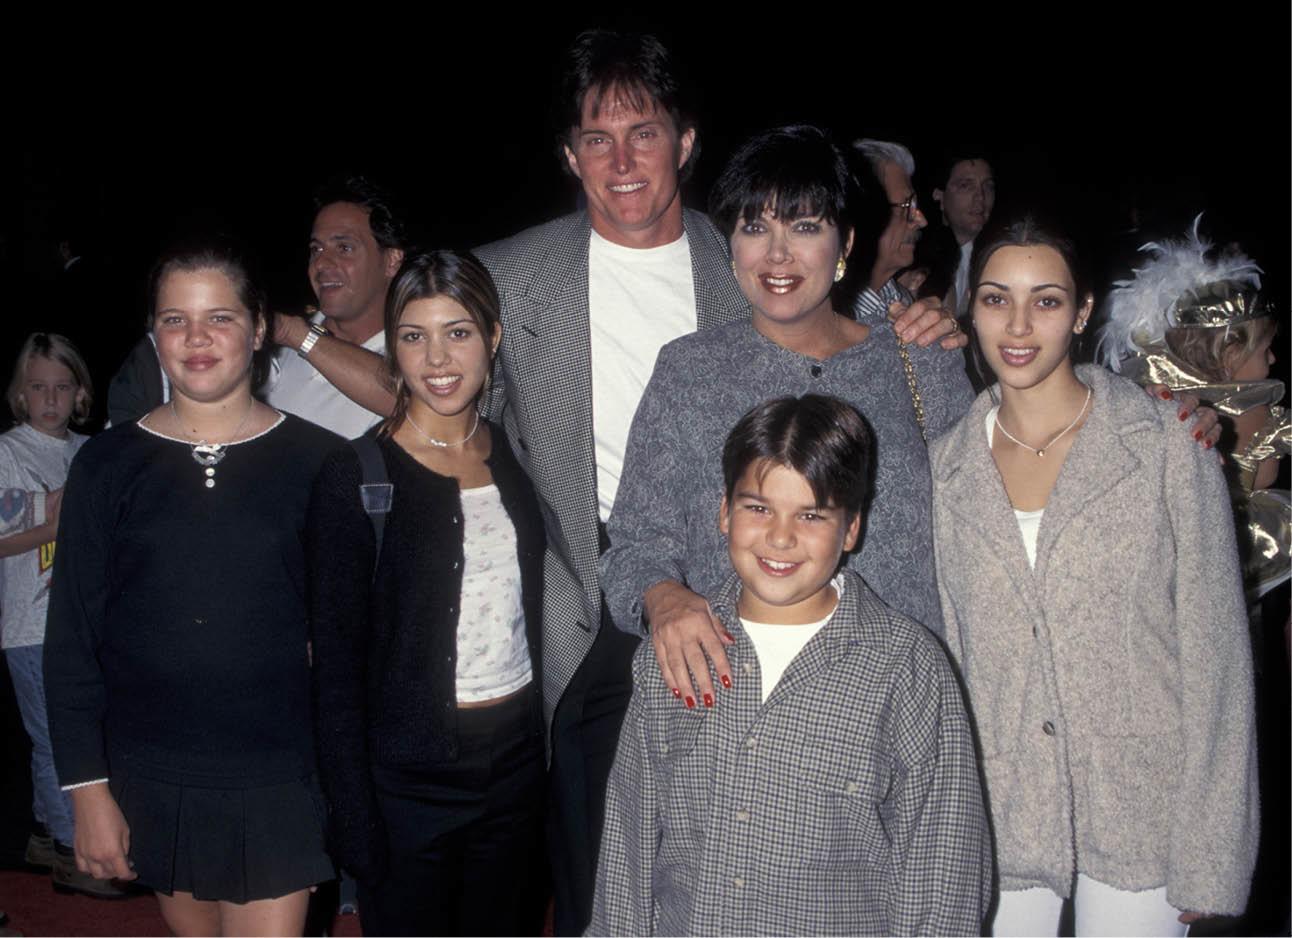 Op de foto is de familie Kardashian te zien in 2007